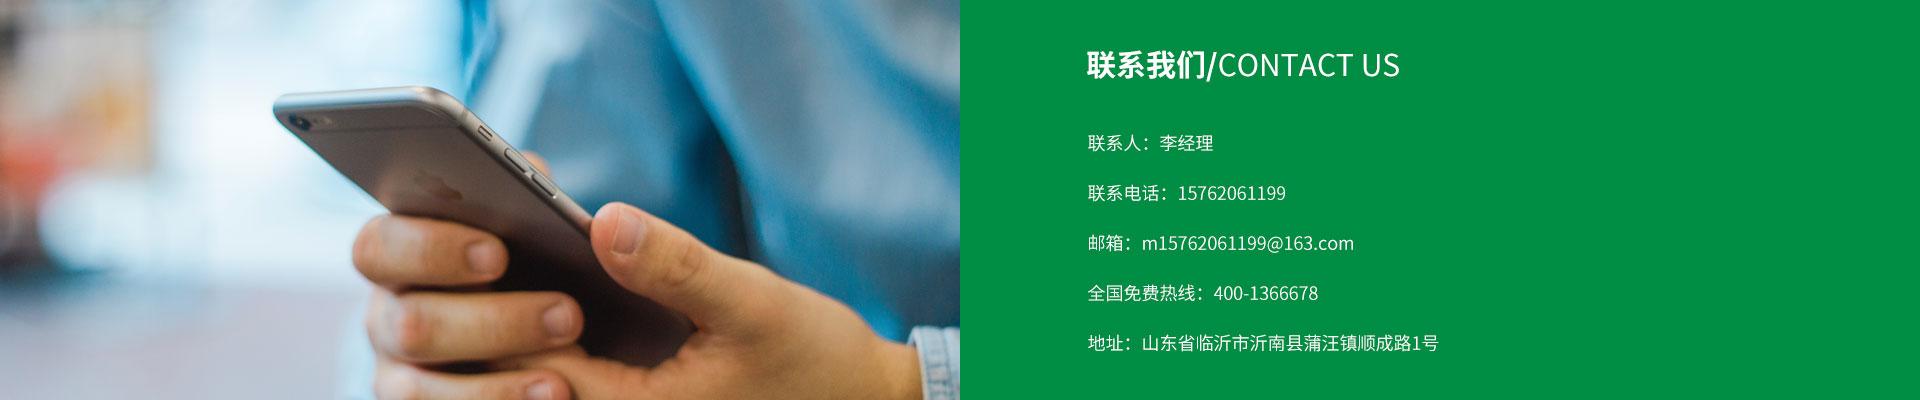 山东合一环保科技有限公司独立研发出立炫牌碳纤维无框电暖画,碳纤维无框墙暖,碳纤维电暖器,智能采暖炉等产品,三年超长质保期,环保节能,电话:400-1366-678.